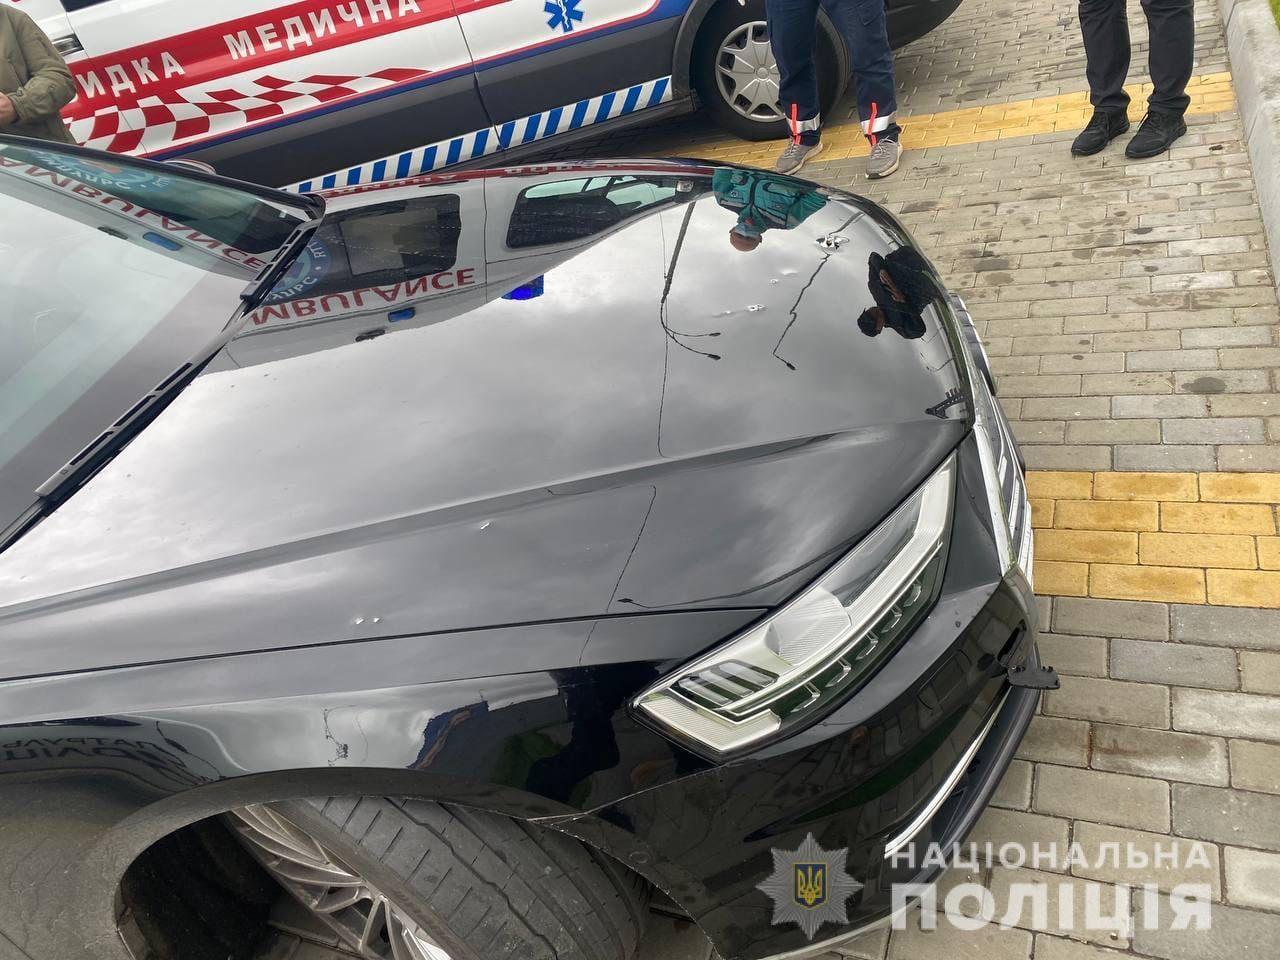 Появились фото и видео обстрелянного авто Шефира: новые подробности покушения